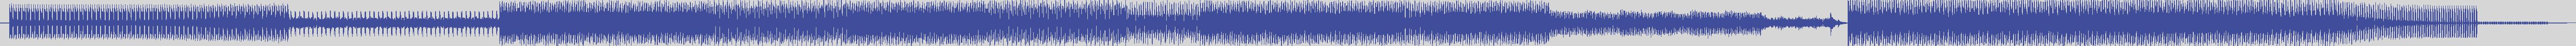 just_digital_records [JS1299] Tony Rollo - Trinity [Original Mix] audio wave form